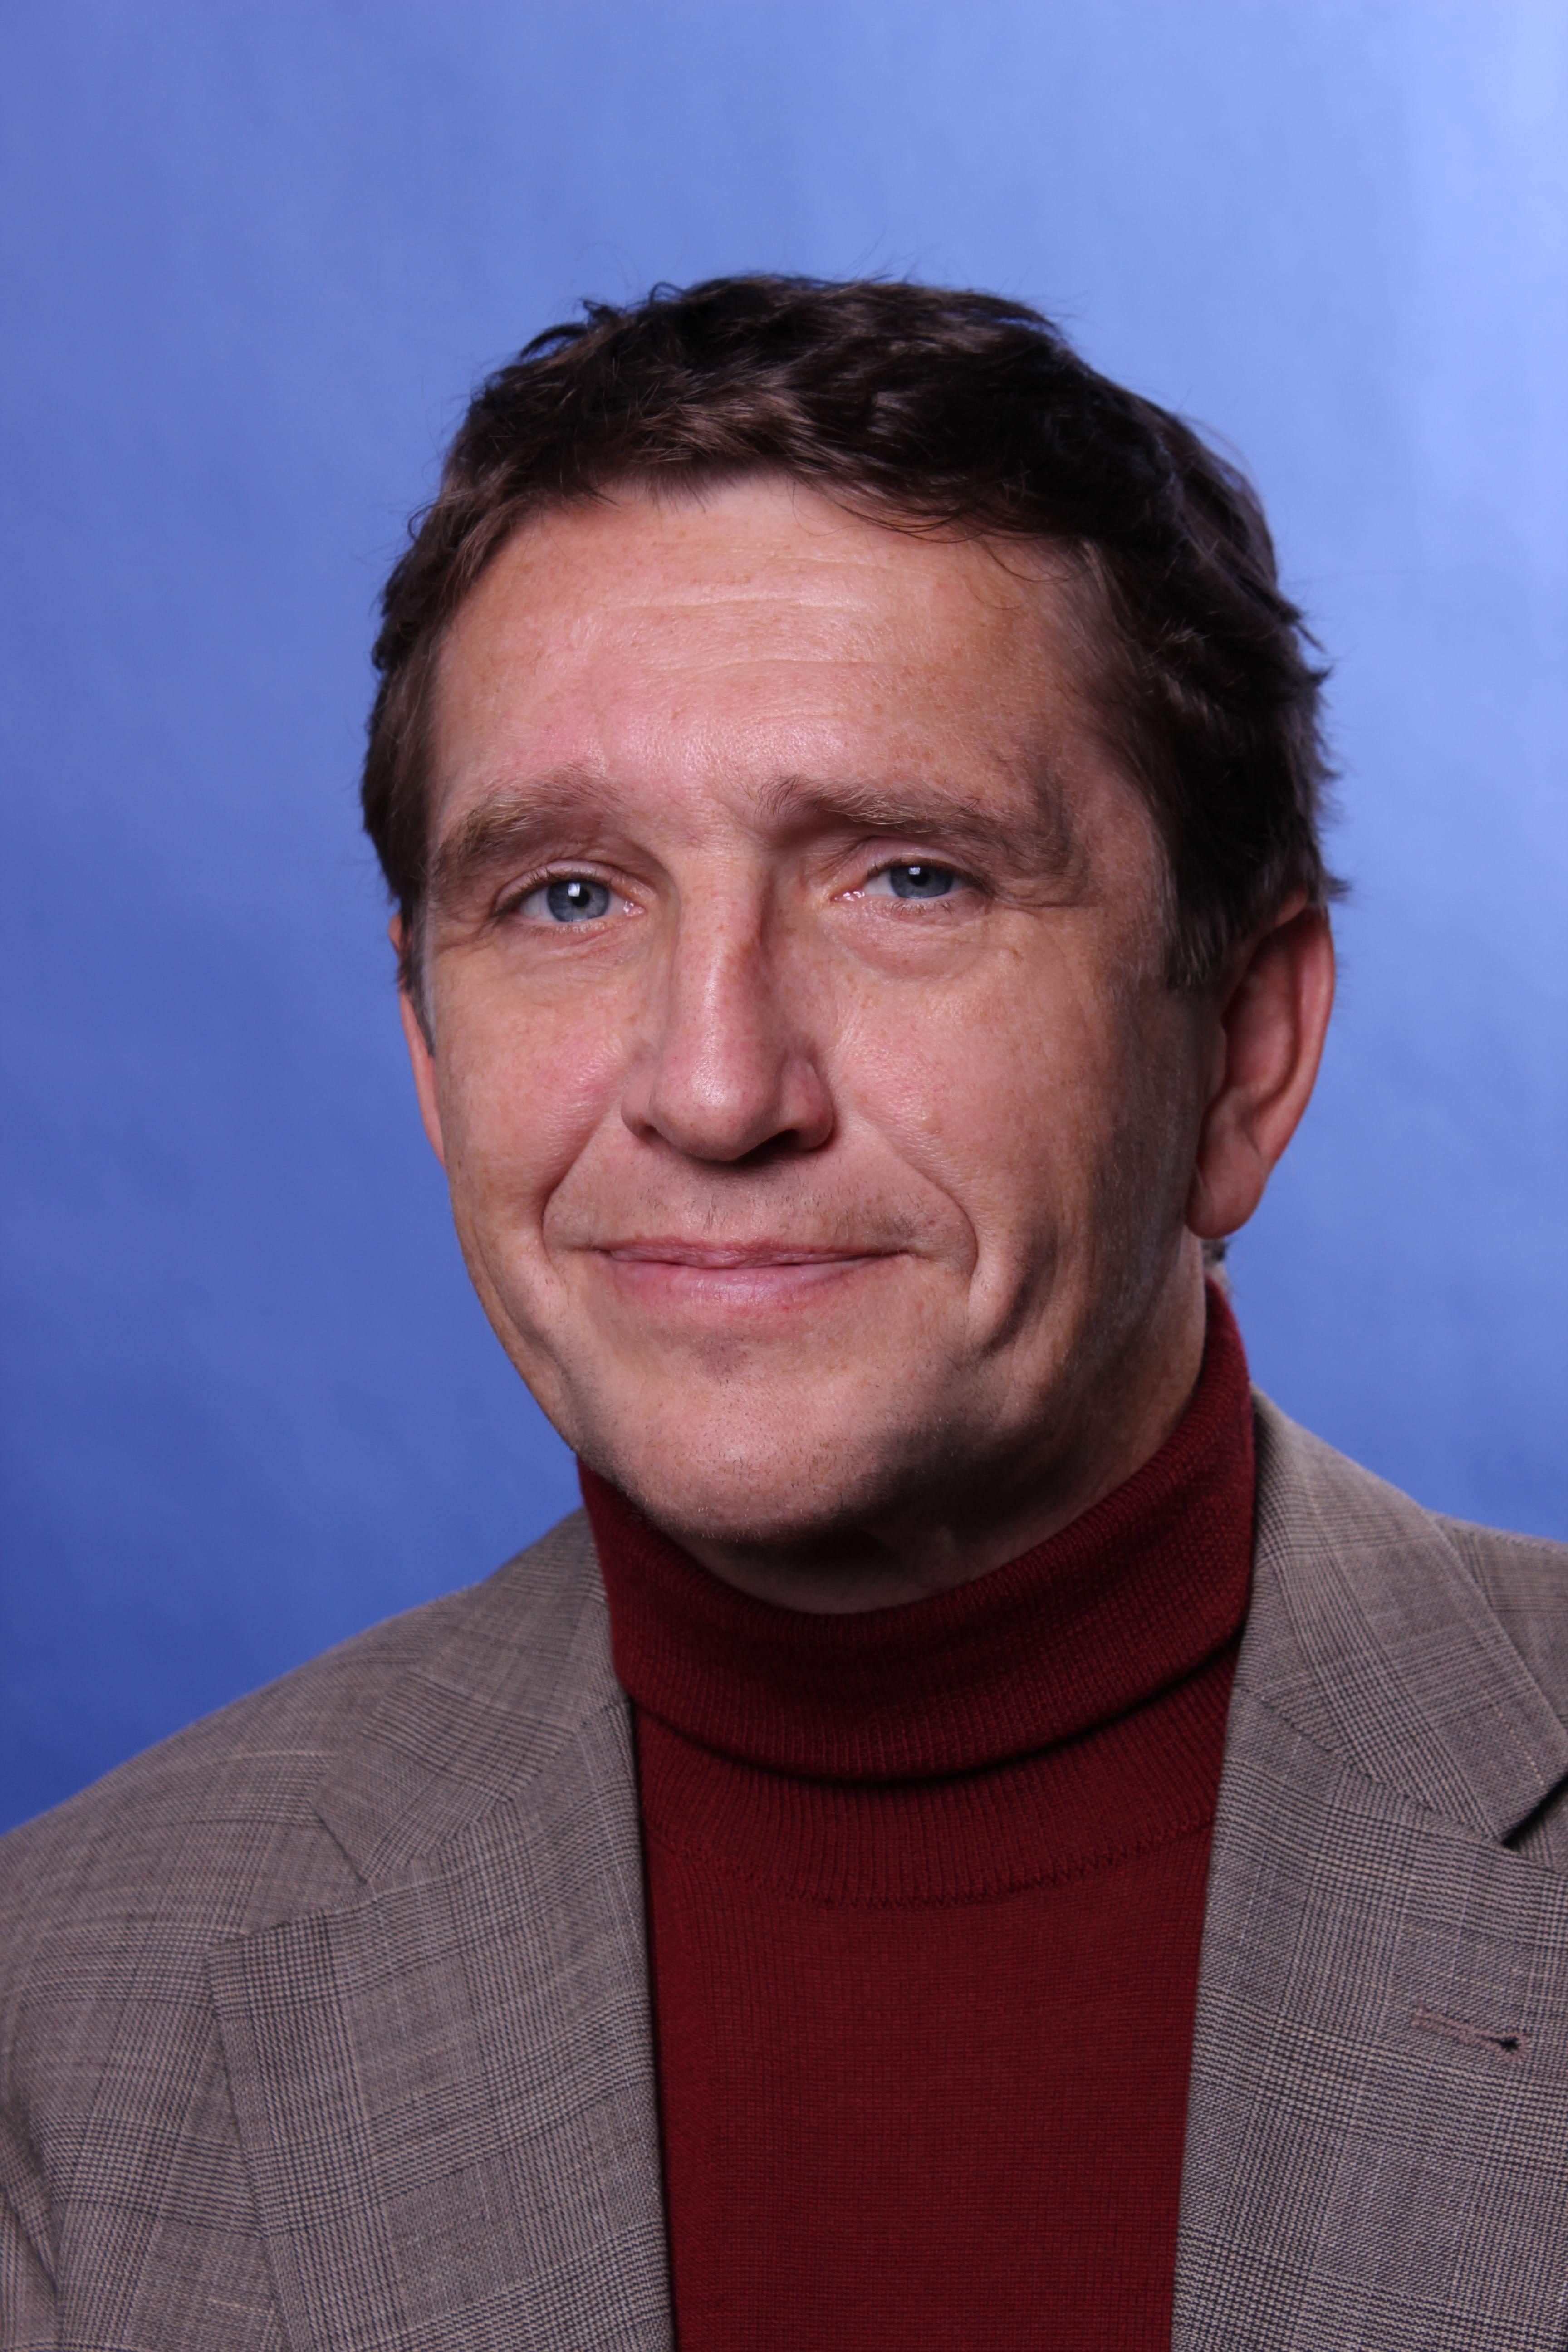 Klaus Pötzsch (55) aus Wiesbaden ist Leiter der Pressestelle des Statistischen Bundesamts. Der gelernte Statistiker hat von der Preisstatistik bis zur volkswirtschaftlichen Gesamtrechnung in mehr als 30 Jahren Tätigkeit schon alles Erdenkliche für das Amt berechnet.